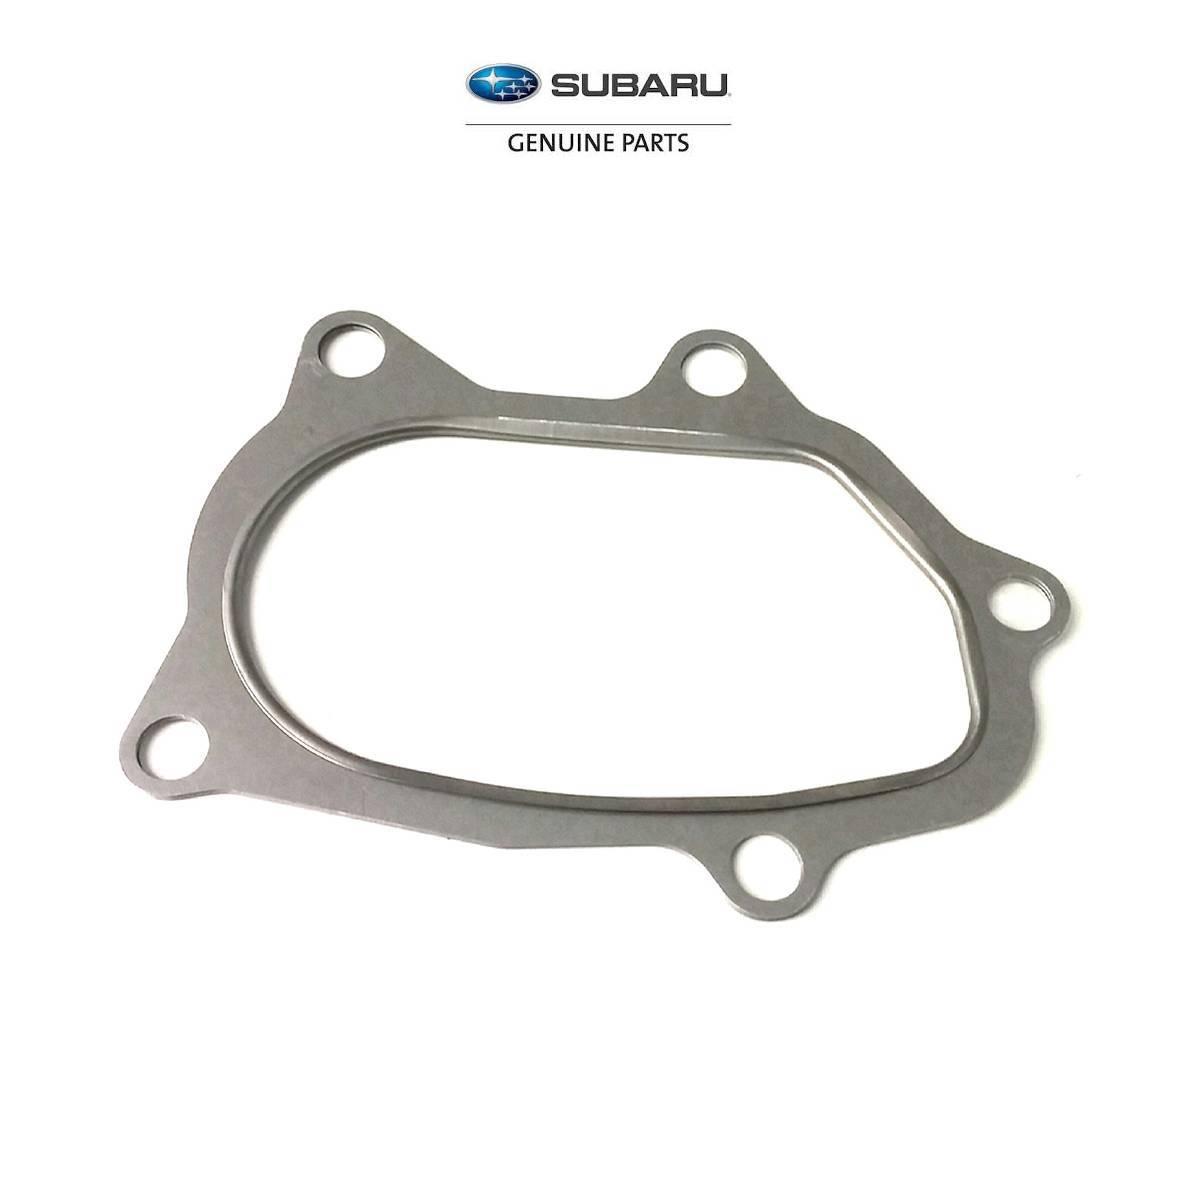 Junta de Escapamento Turbo para DownPipe Original Subaru (in - Street Solutions